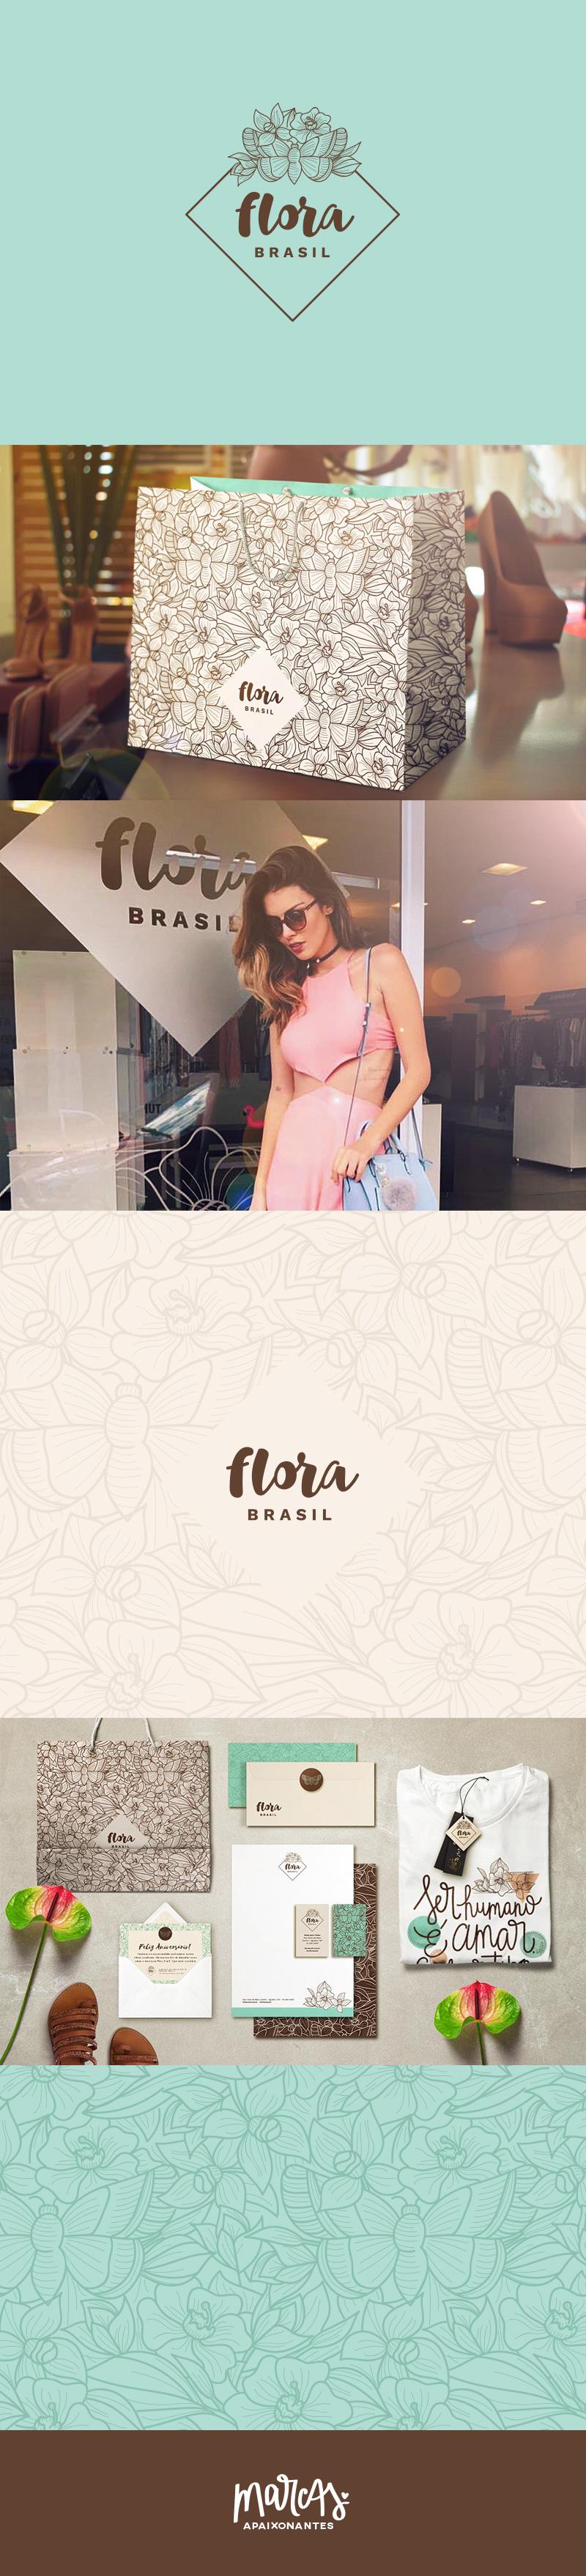 Marca Apaixonante para a Flora Brasil - carinhas.com.br